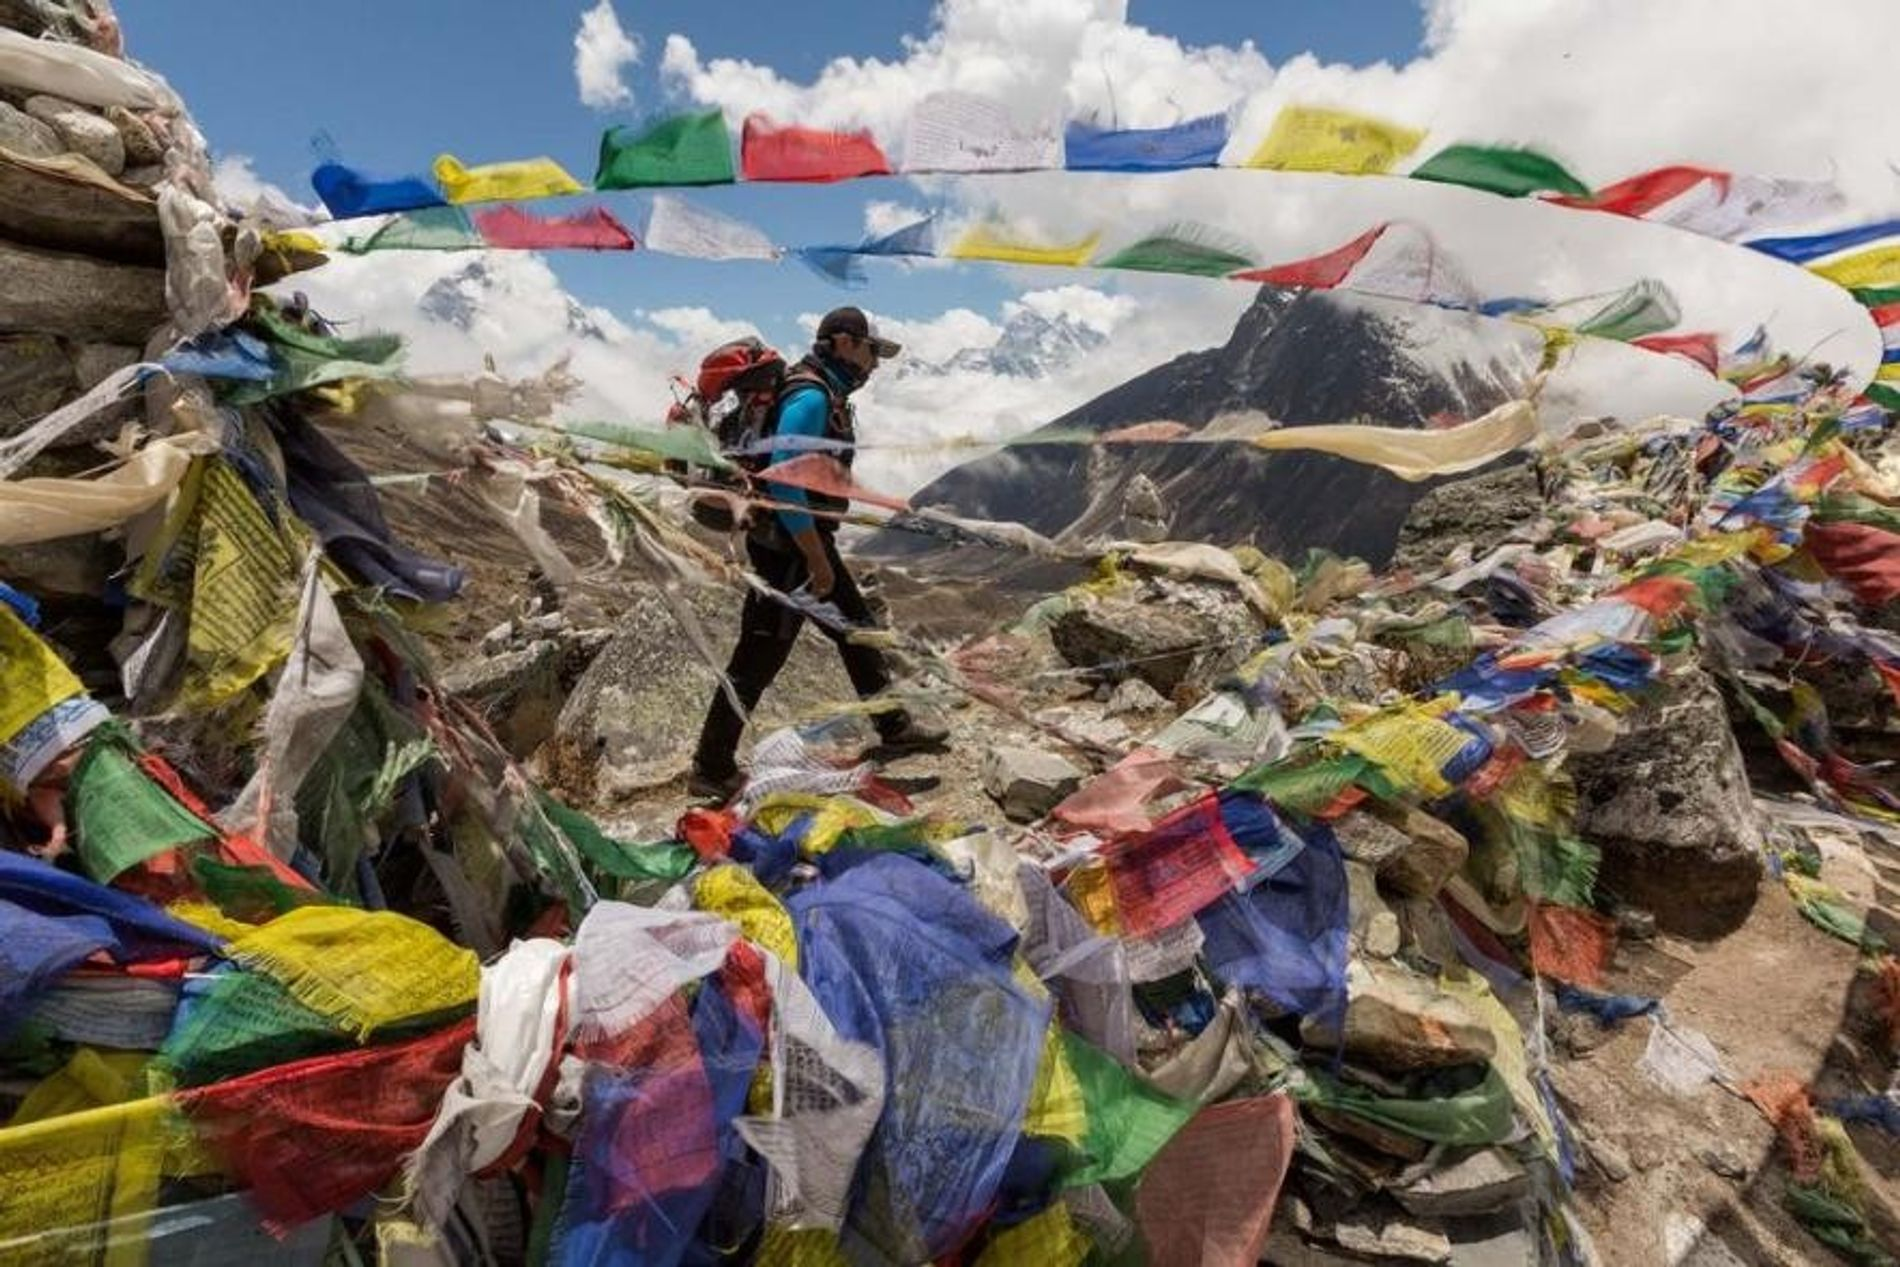 Durante su ascenso al monte Everest, el sherpa Mingma Ongel pasa delante de banderas con plegarias en un memorial para los sherpas que murieron en el pico. Desde las primeras expediciones en la década de 1920, 99 sherpas y otros nepalís han muerto en el Everest, lo que supone un 40 por ciento de todas las muertes durante la escalada en esta montaña.